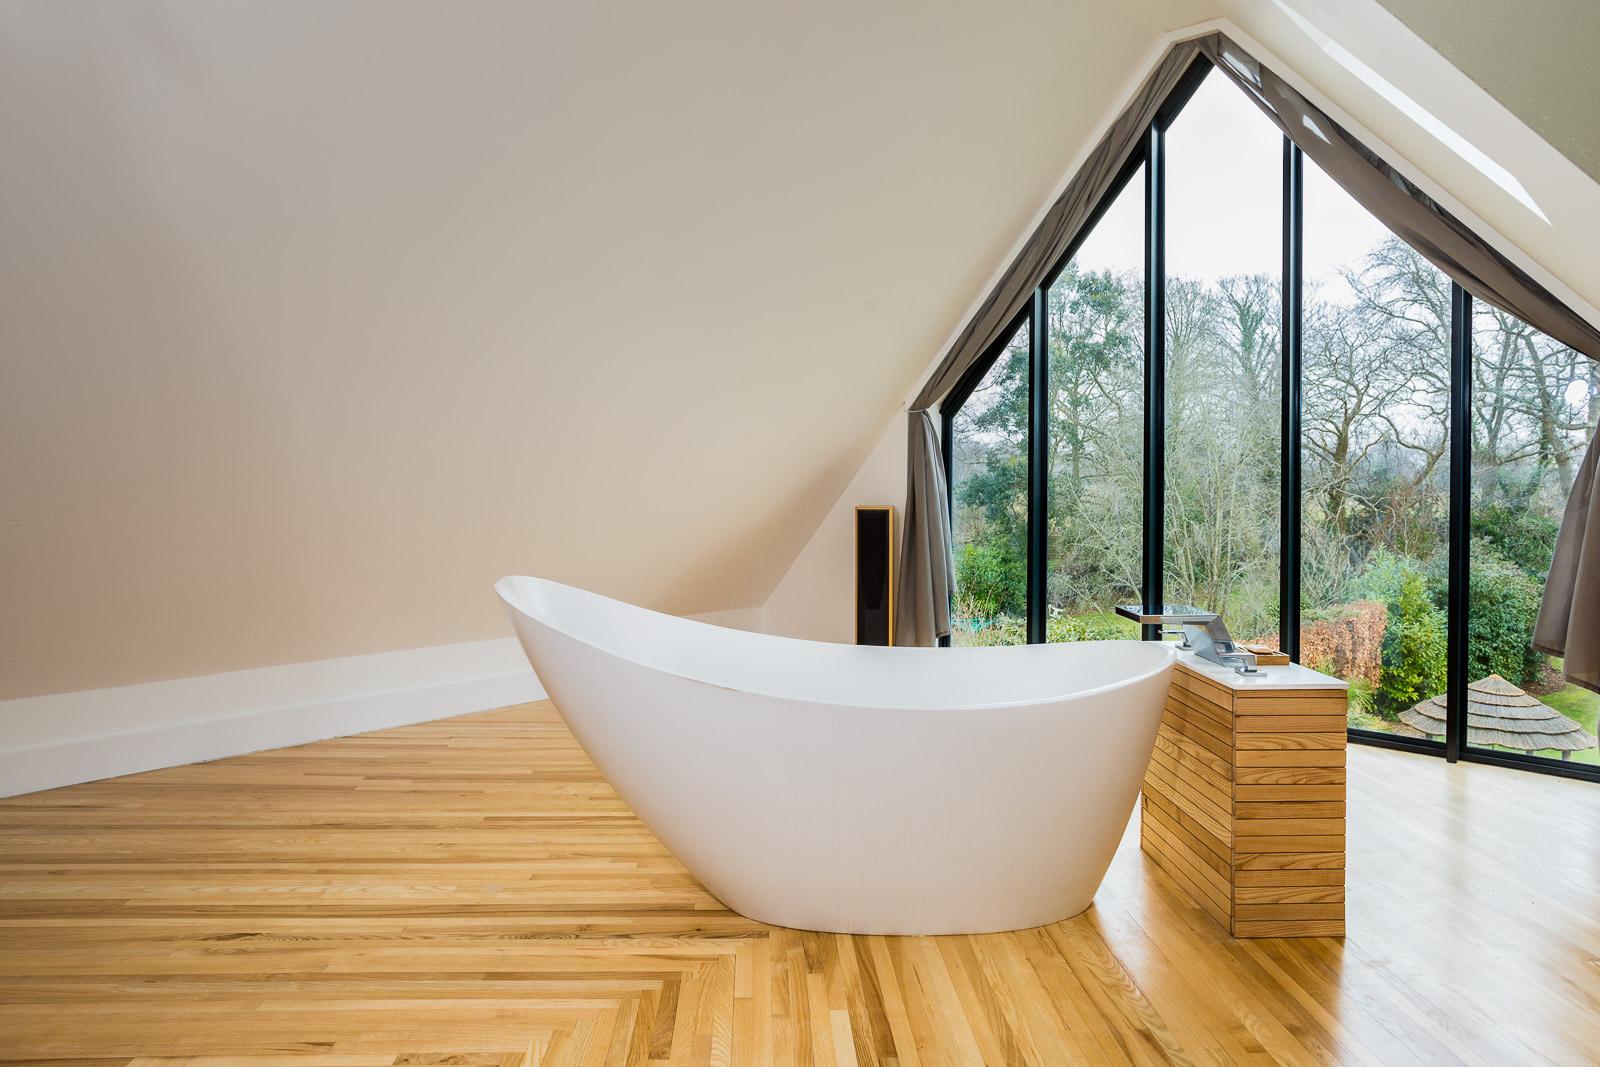 White hip bath with view through windows into a rear garden